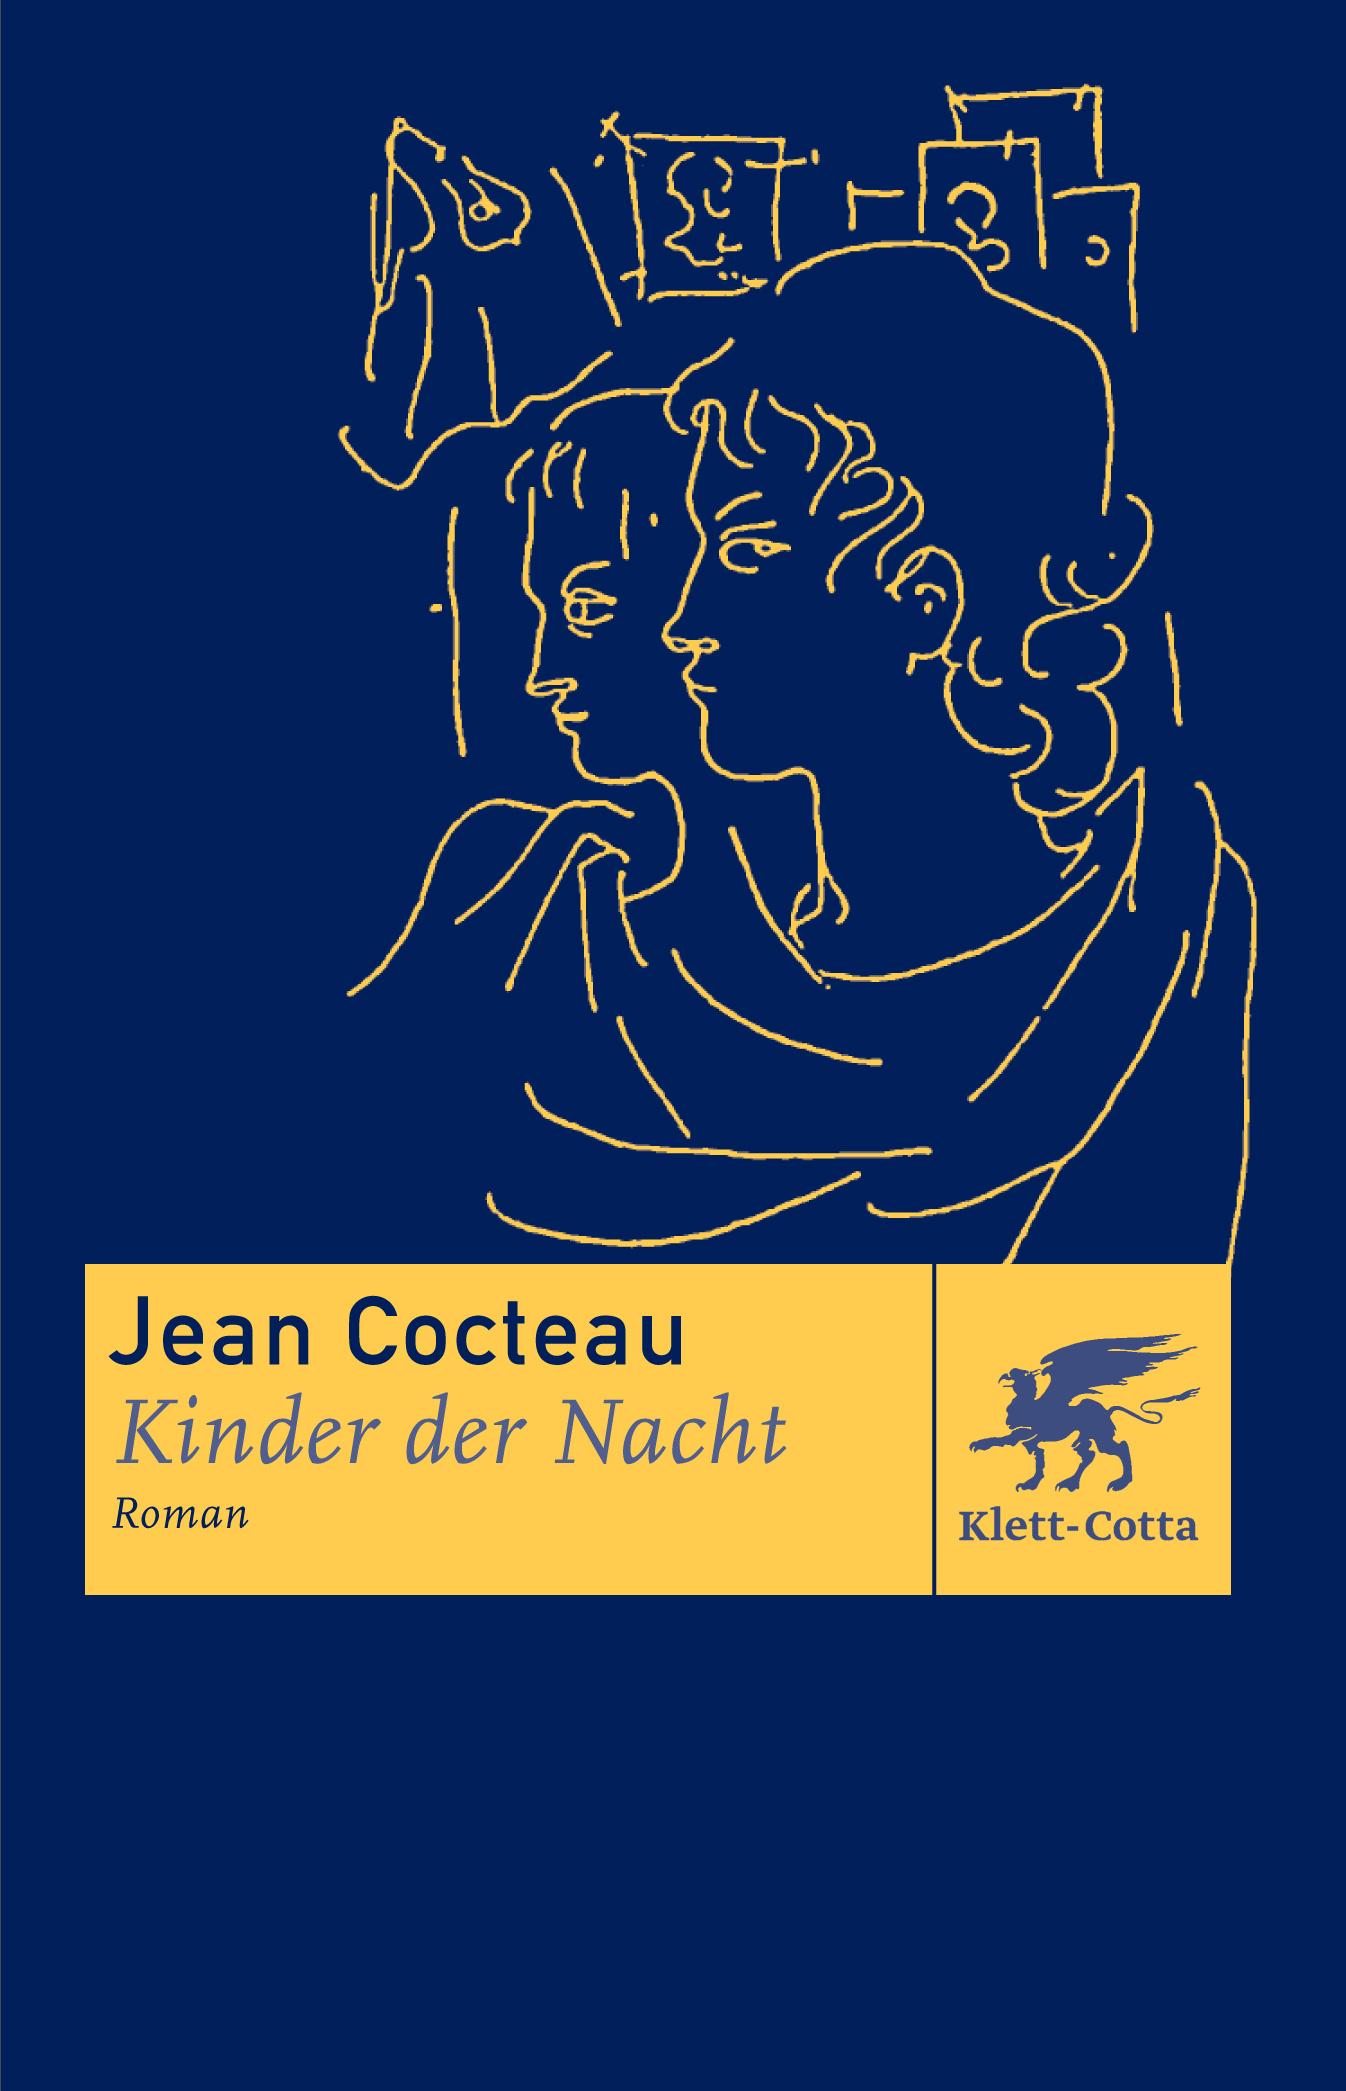 Kinder der Nacht - Jean Cocteau